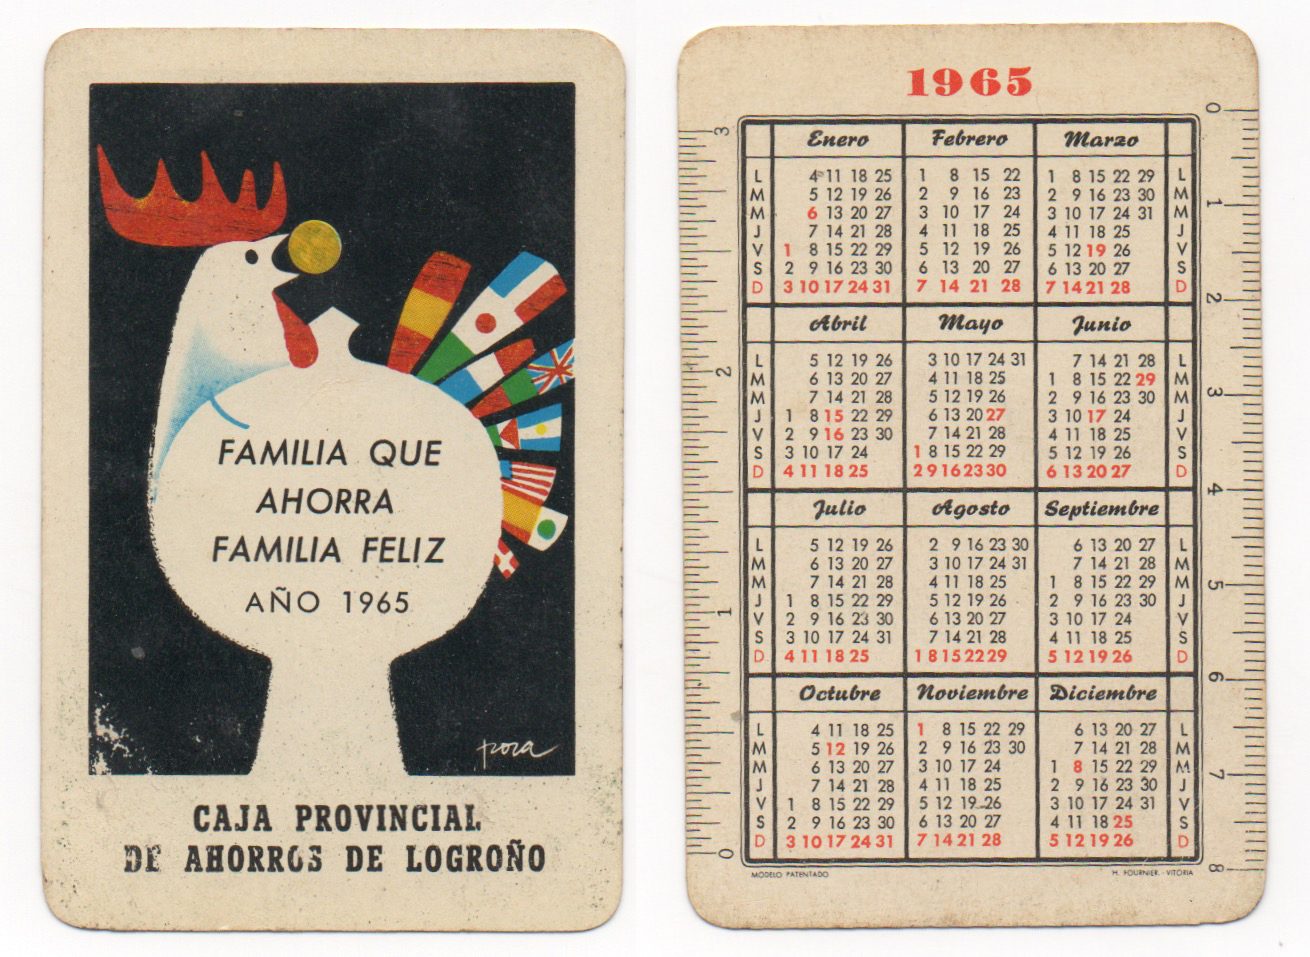 Calendario Del Ano 1965.Calendarios De Bolsillo